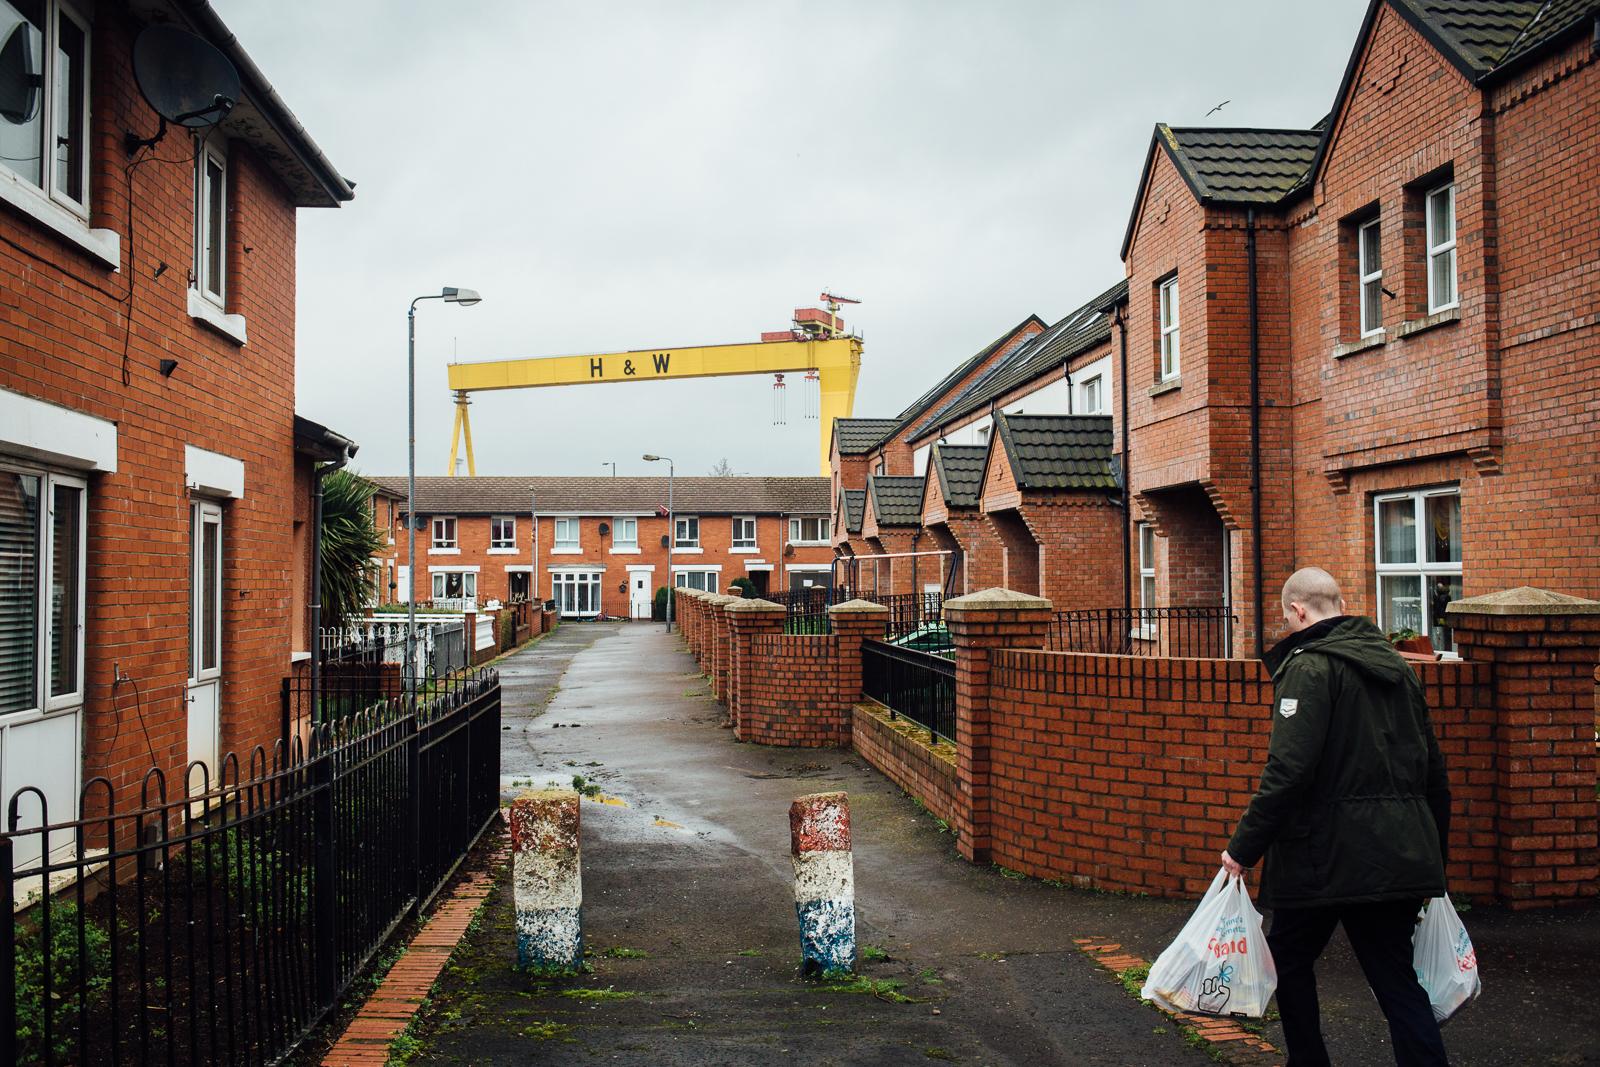 Belfast, le 25 février 2017. Dans le quartier populaire de Belfast Est, principalement loyaliste et protestant. La grue des chantiers navals de Harland and Wolff (H&W) est l'un des symboles de la ville.